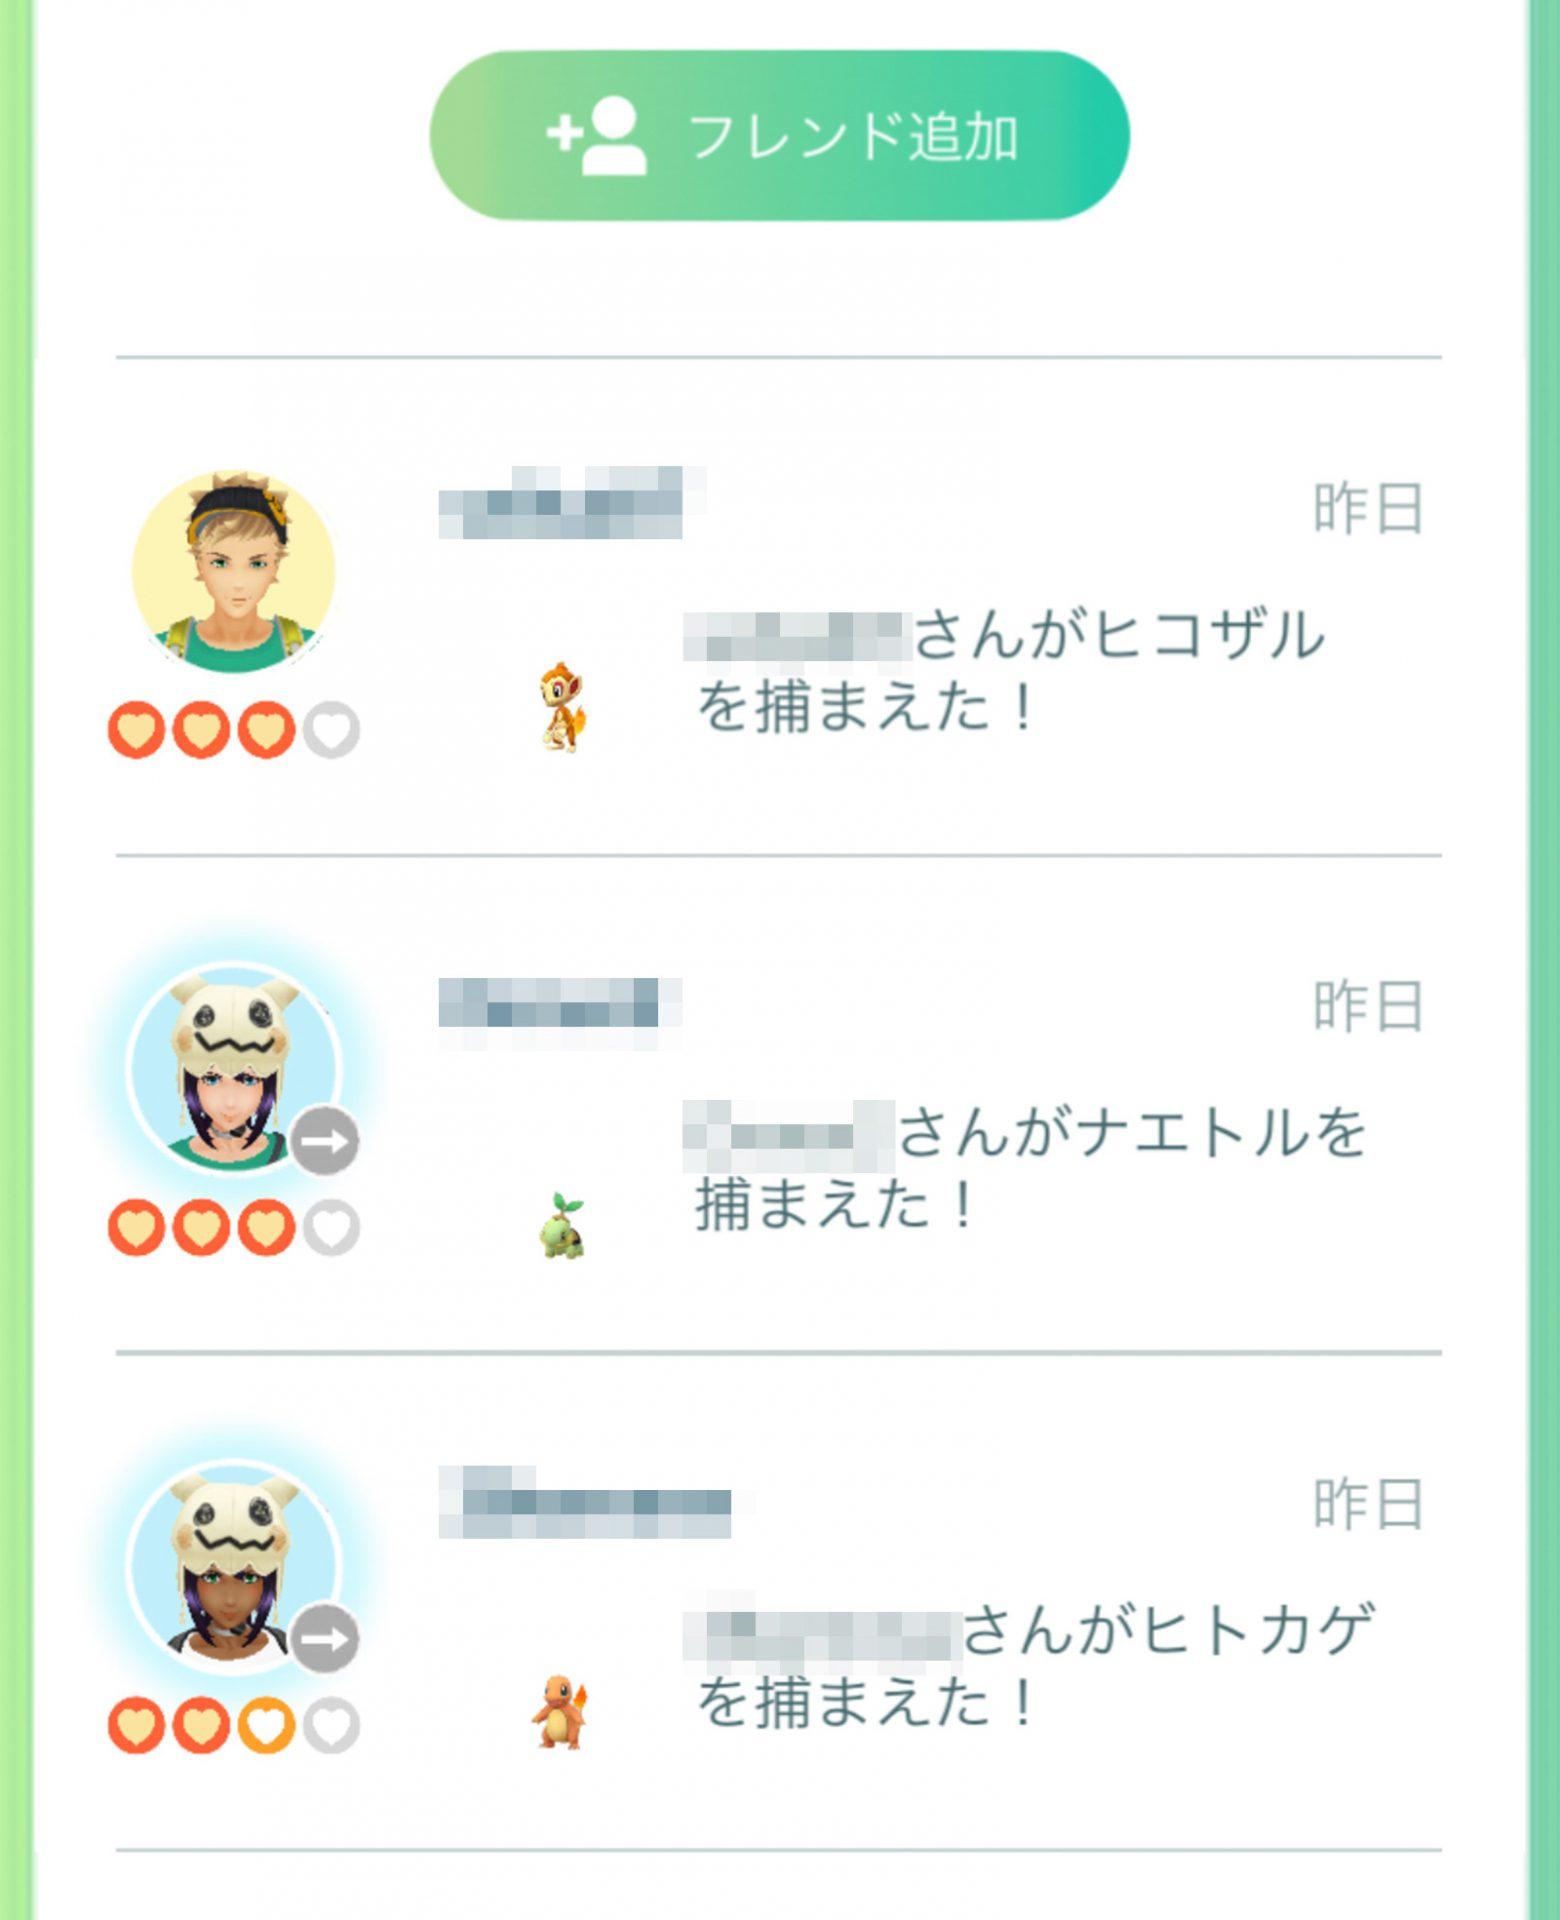 ポケモンGOのフレンド募集中!